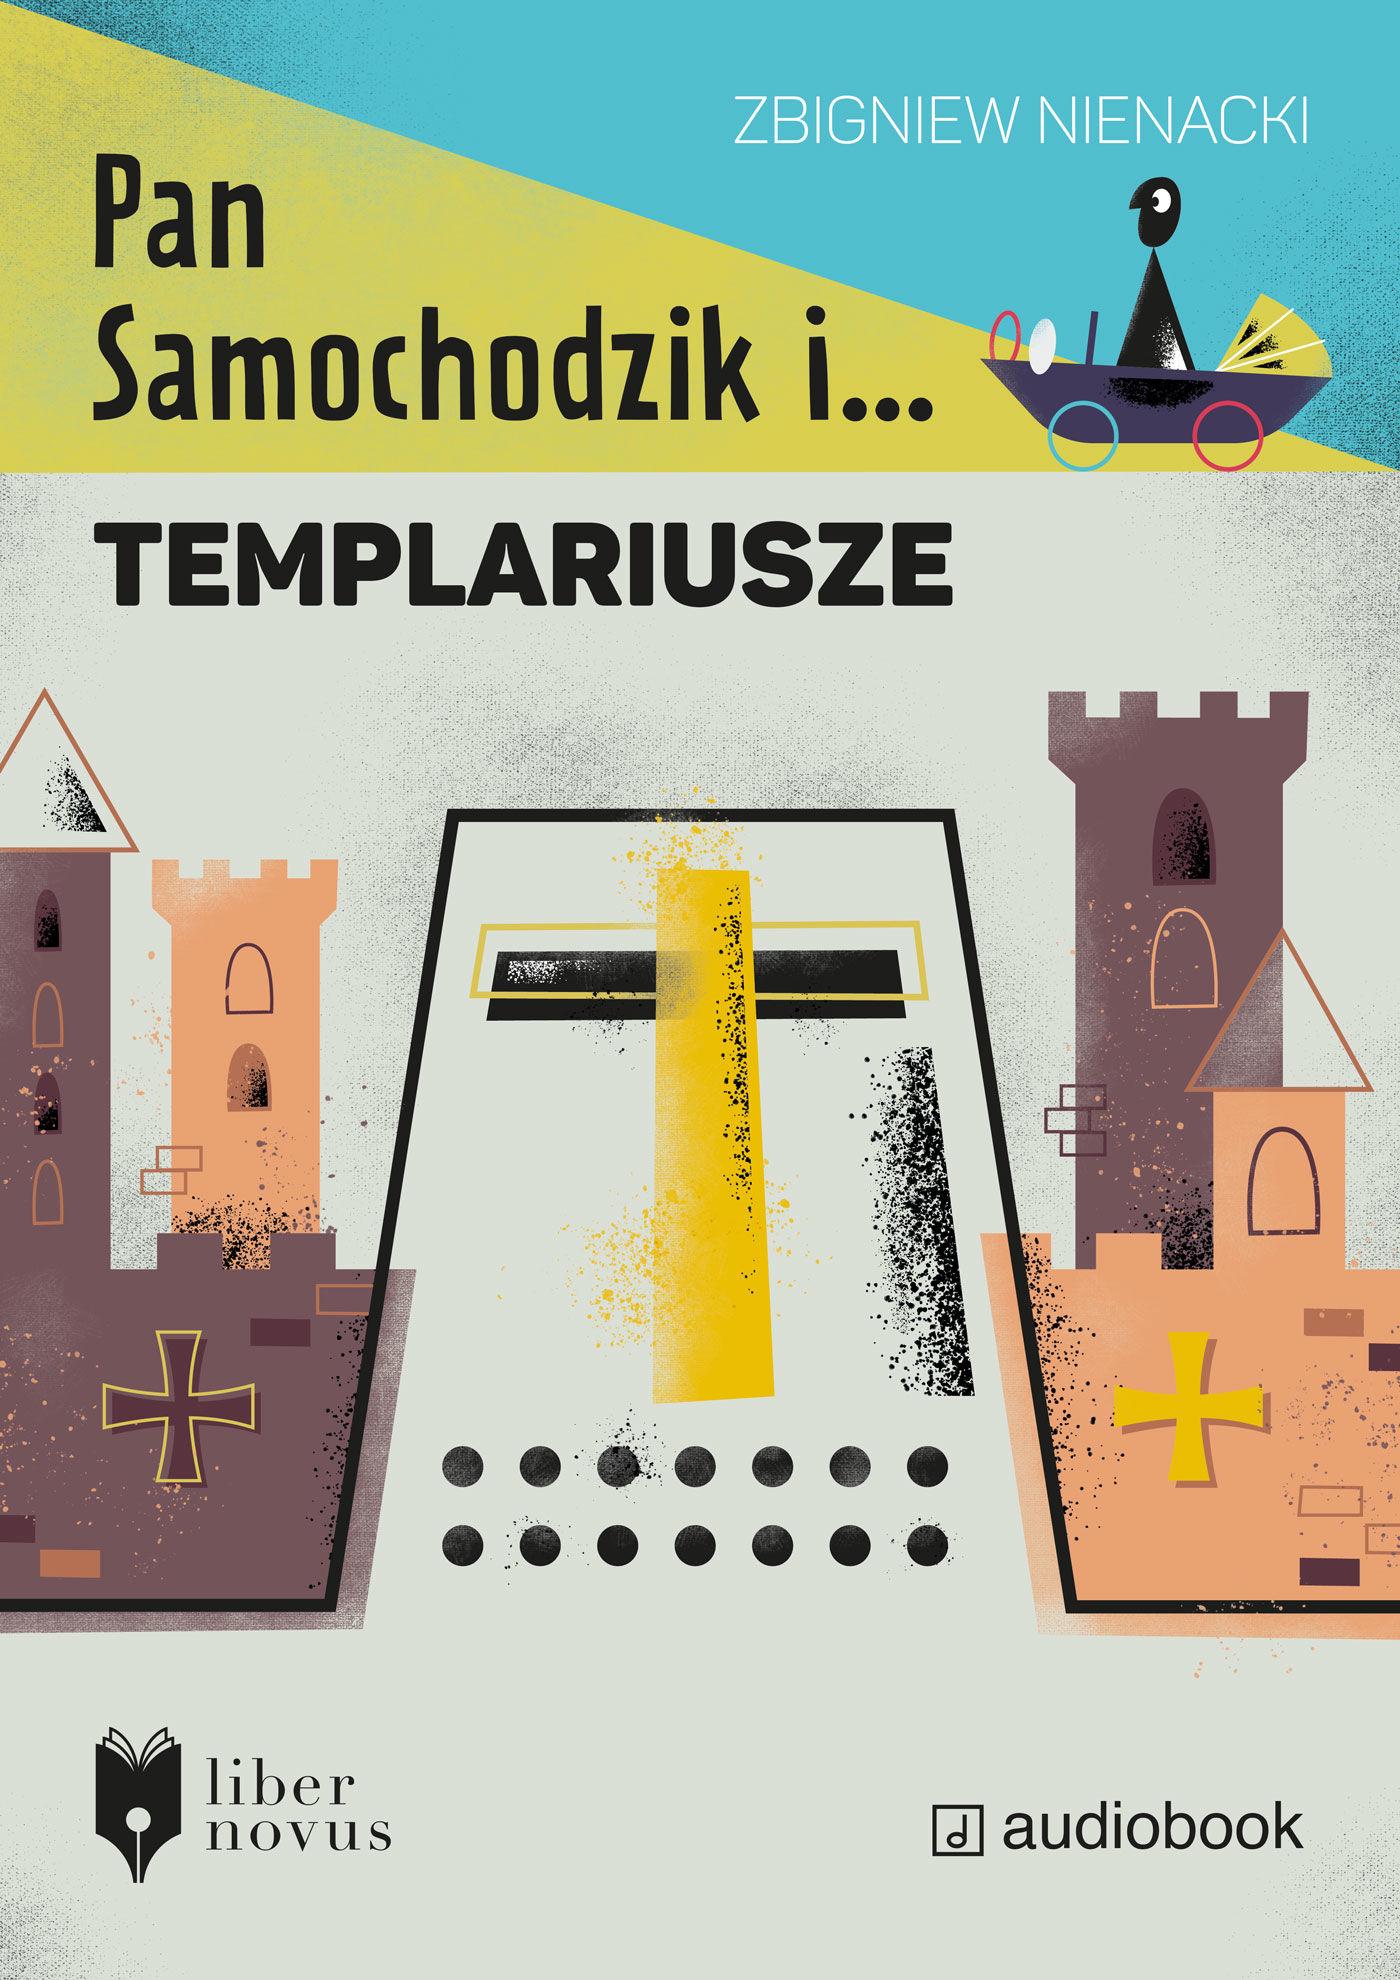 Pan Samochodzik i Templariusze - Zbigniew Nienacki - audiobook